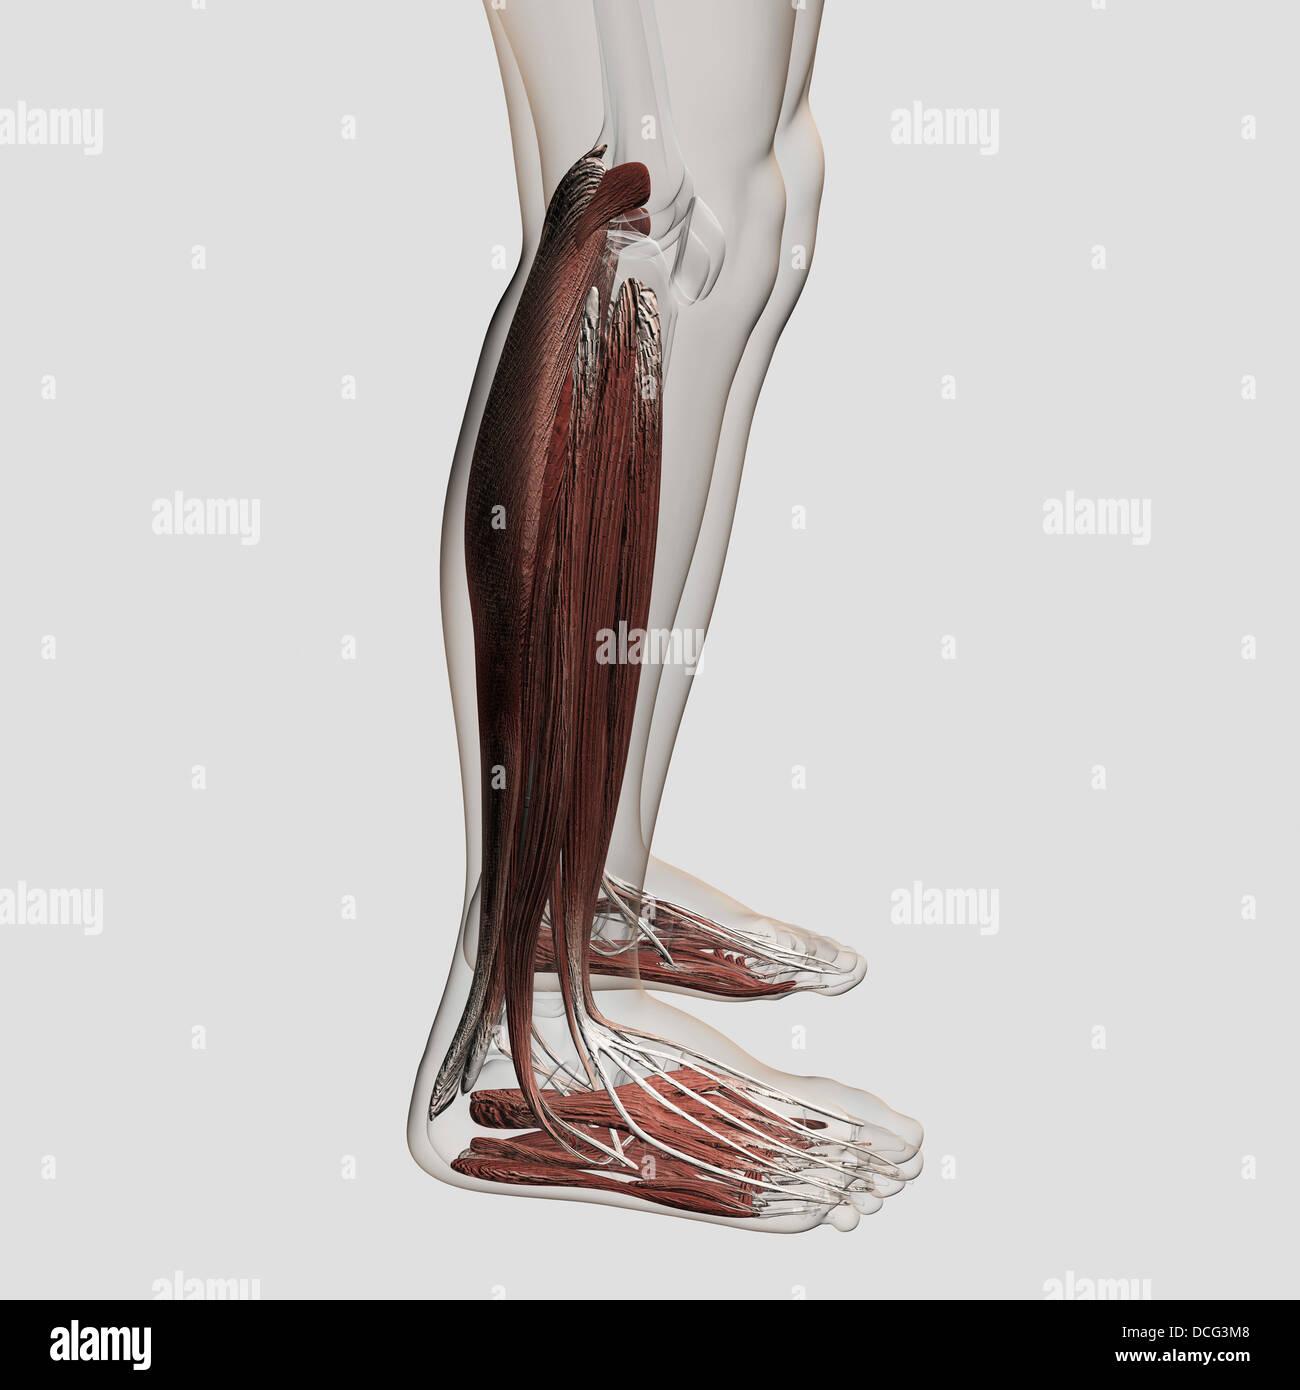 Muscle anatomie de l'homme les droits de l'jambes, vue antérieure. Photo Stock